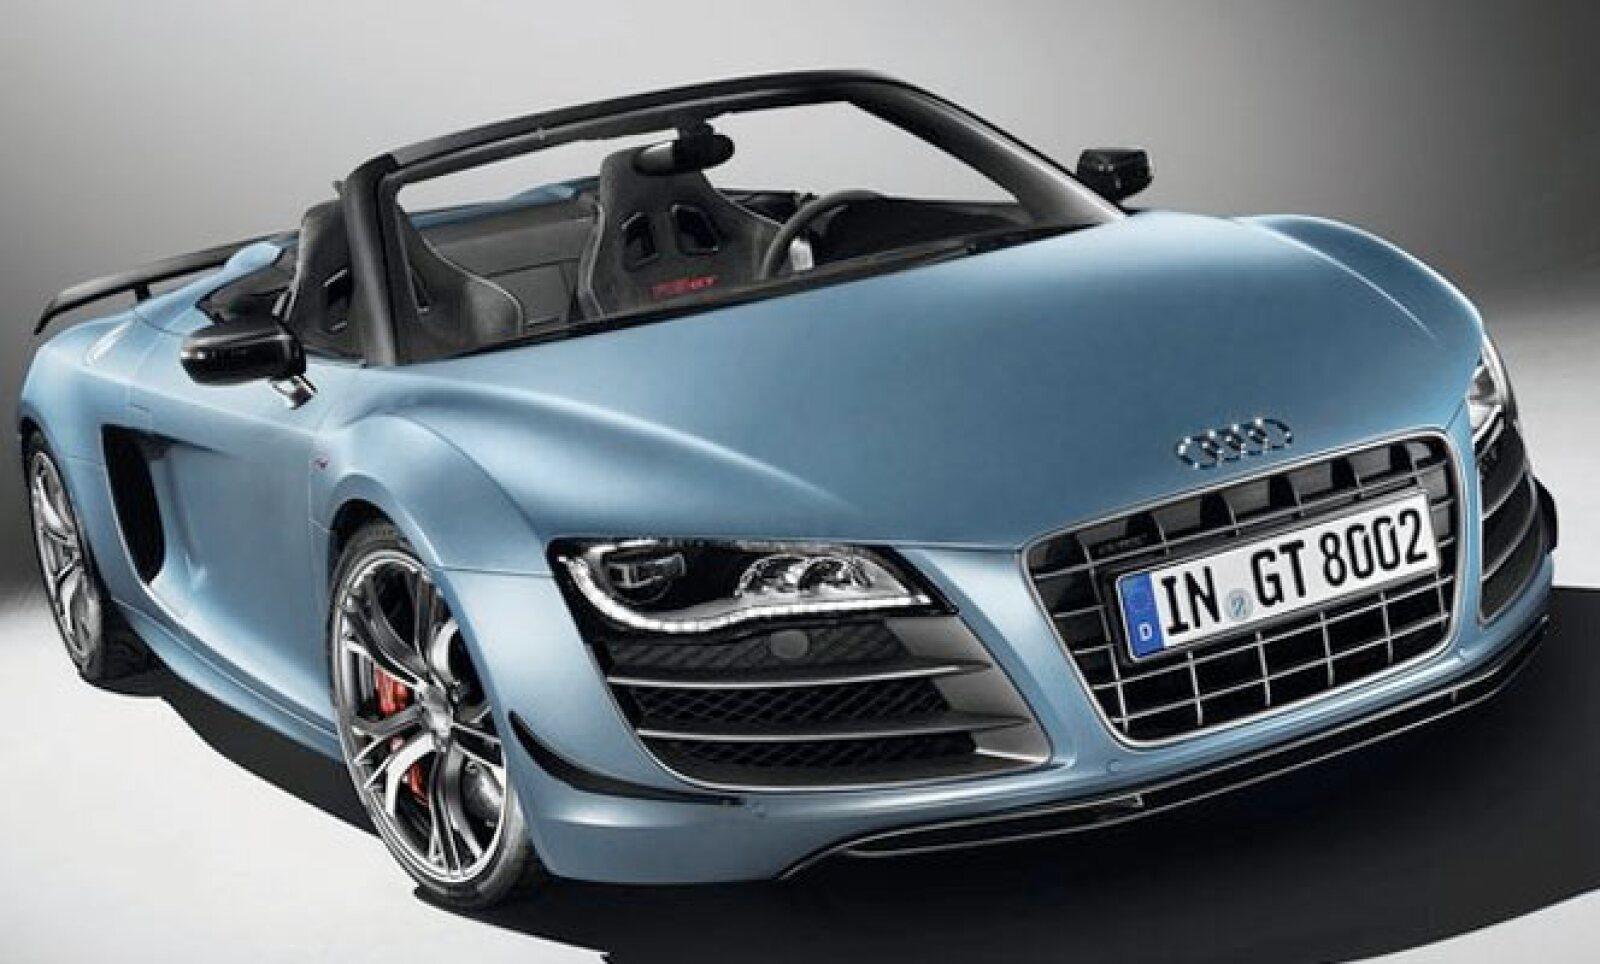 Tiene un motor V10 FSI con 560 caballos de fuerza y alcanza una velocidad máxima de 317 Km/h. Cabe destacar que acelera de 0 a 100 Km/h en sólo 3.8 segundos.